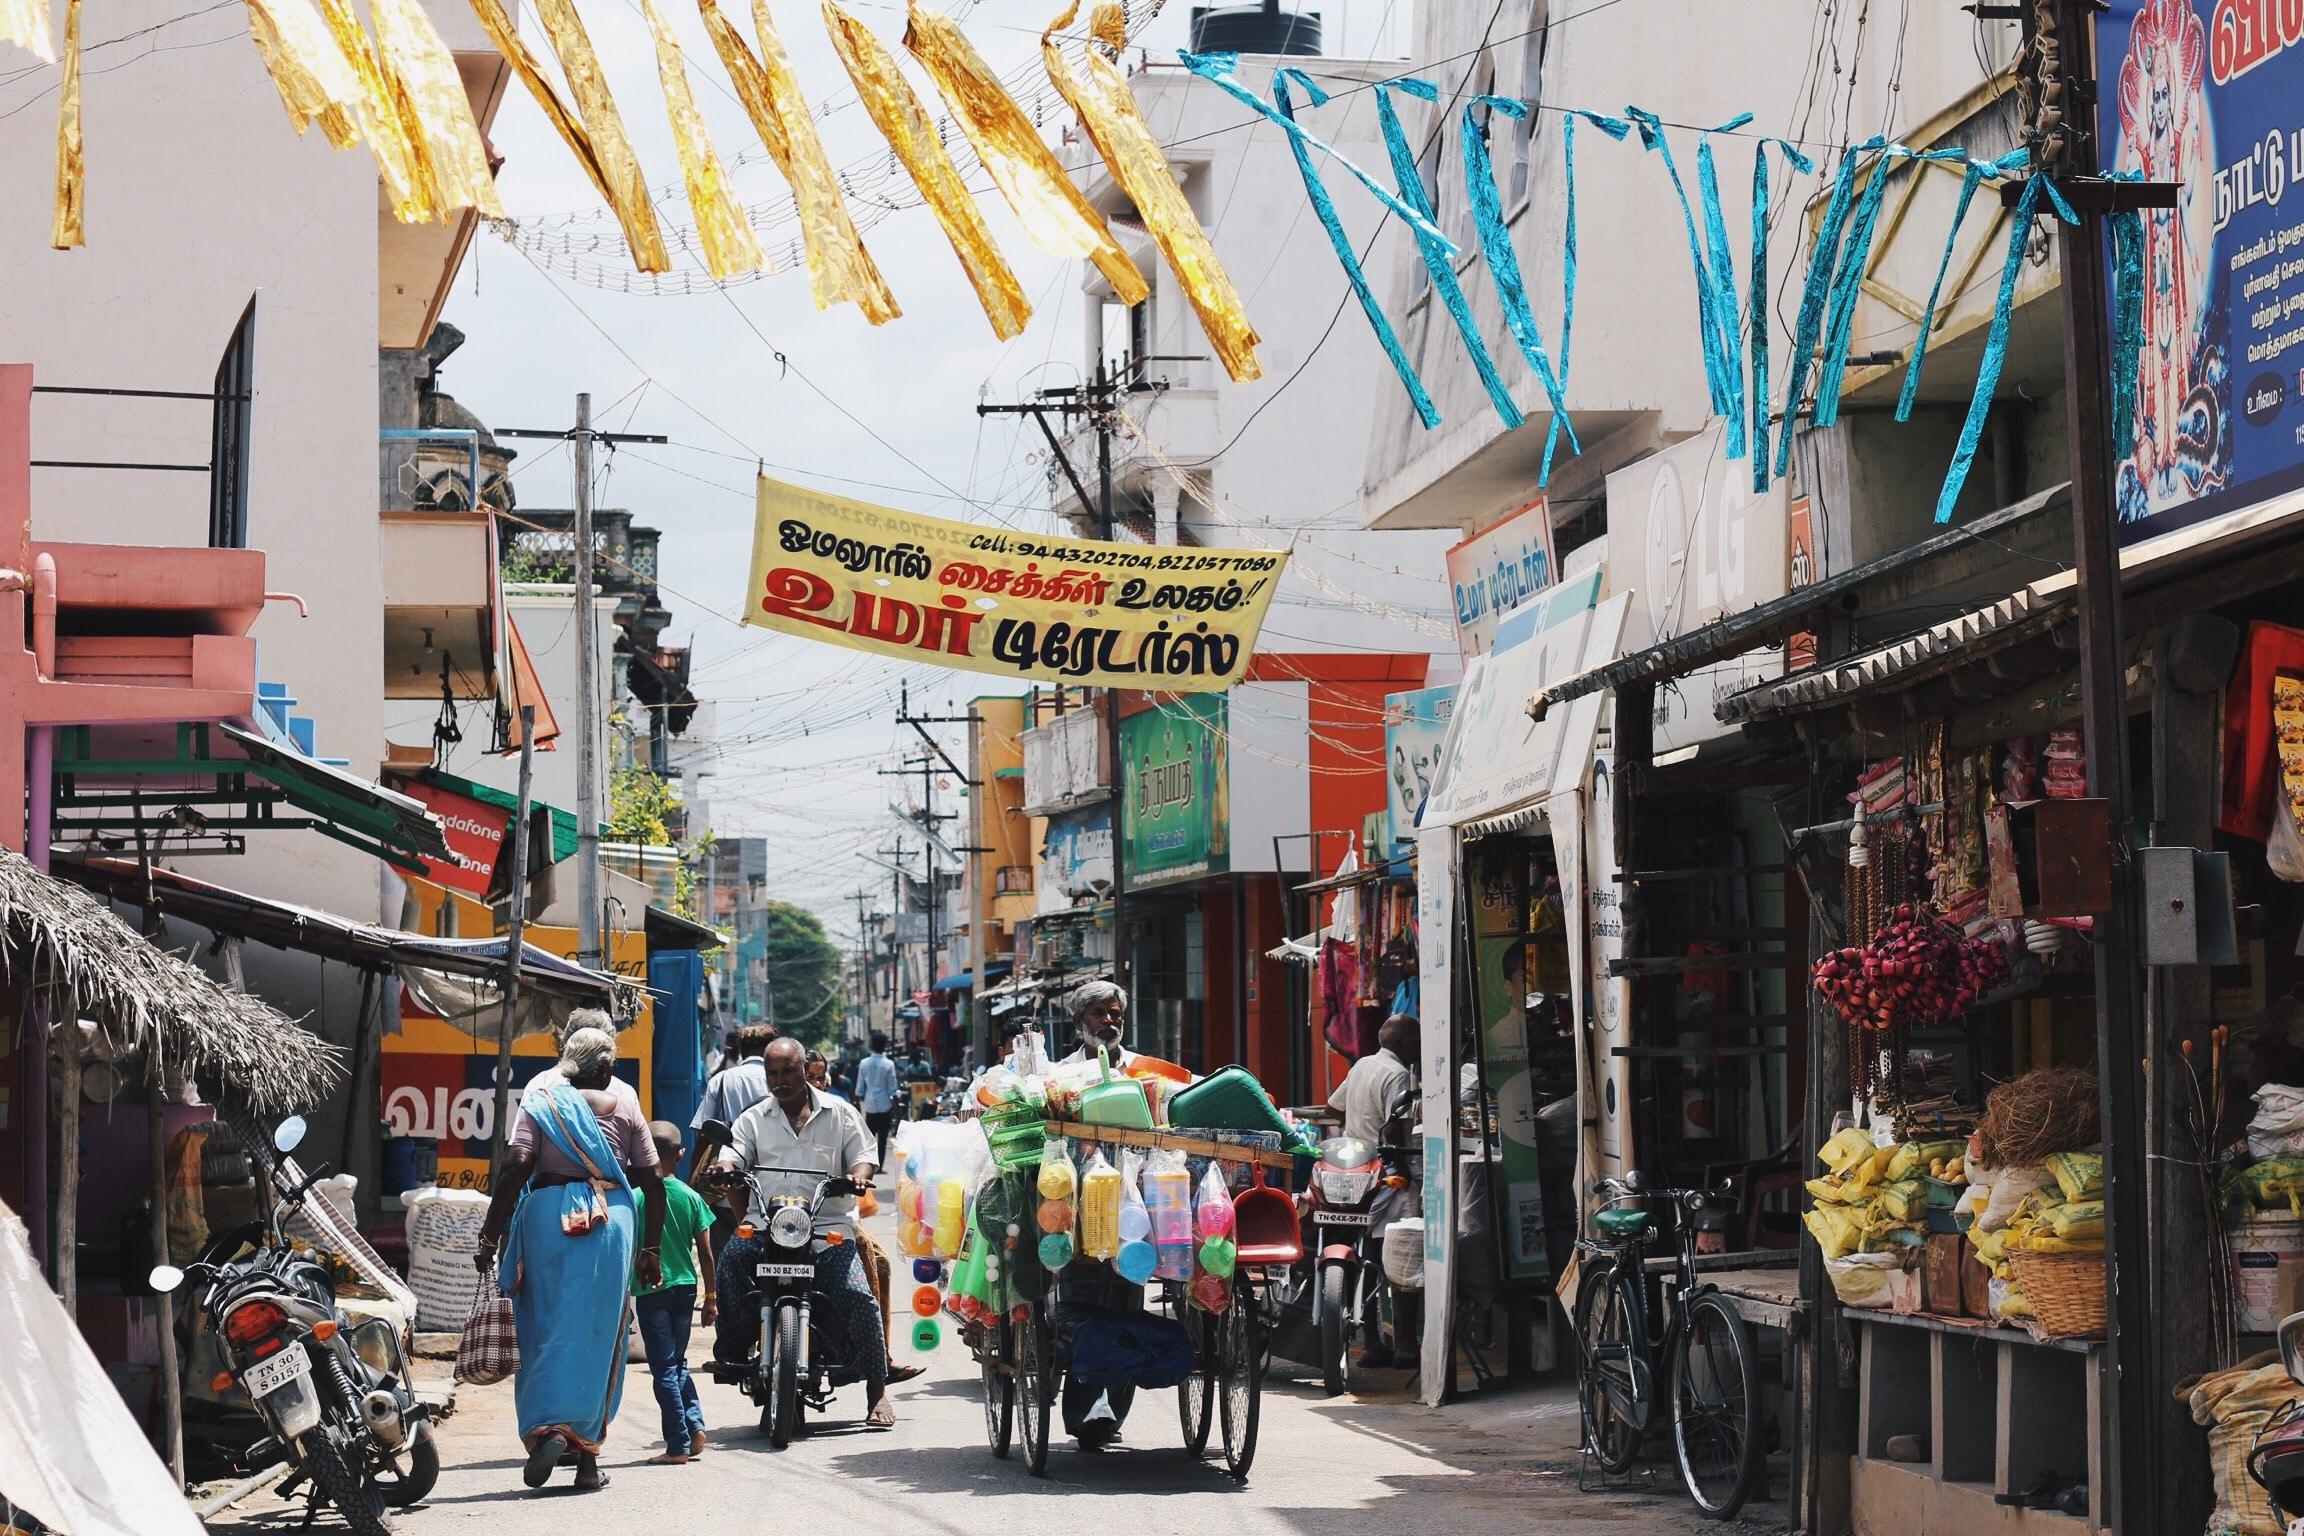 ヨガ おすすめの国 インド リトリート